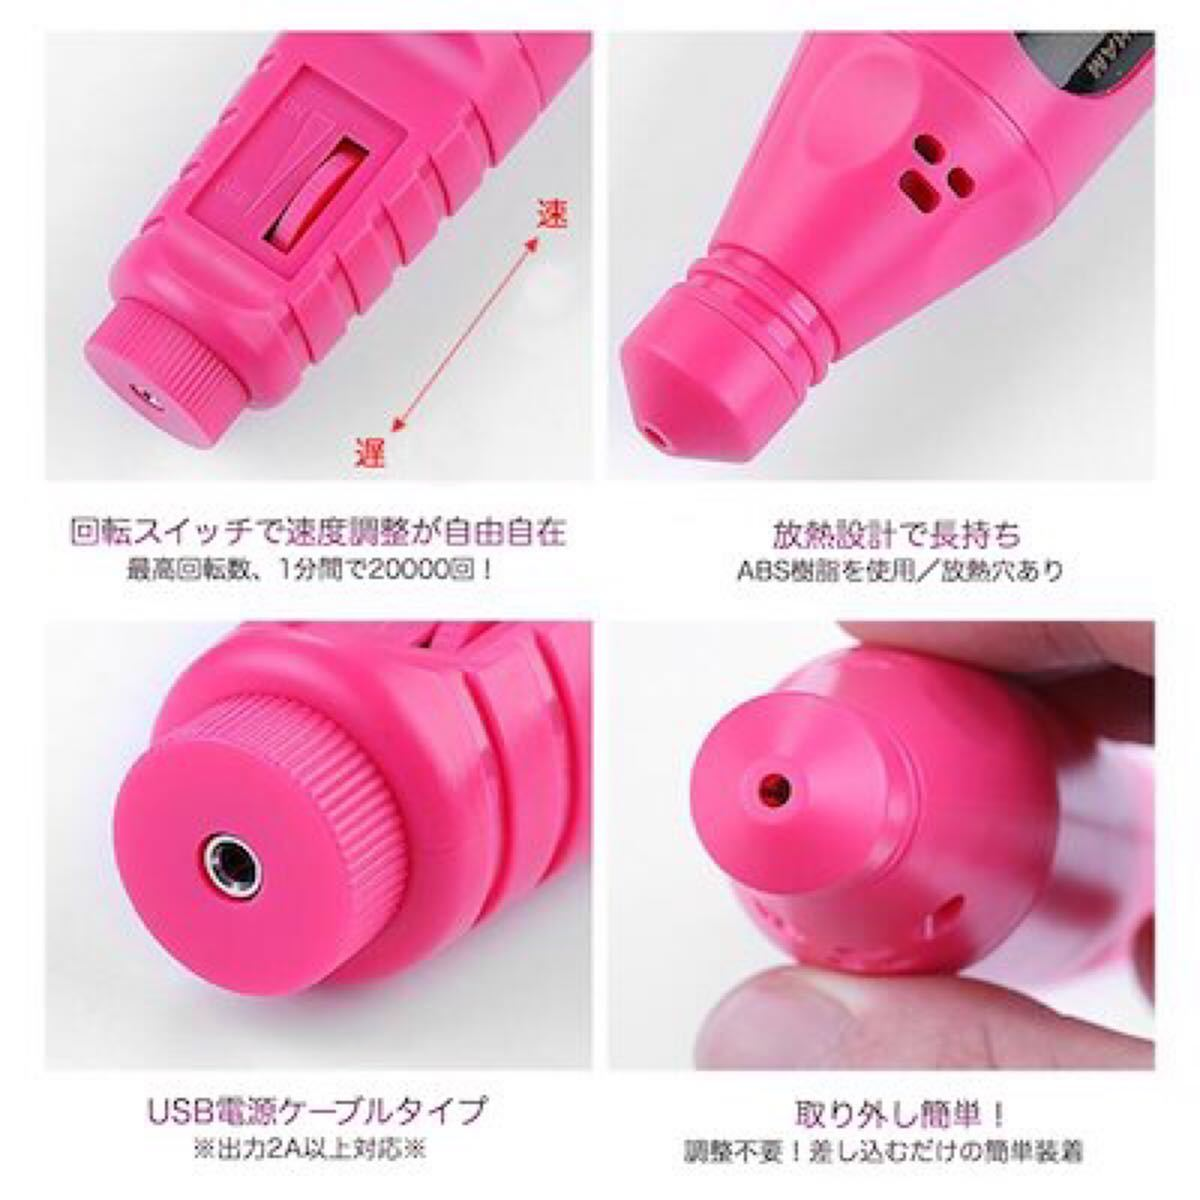 USB給電 日本語取説 電動ネイルマシン ネイルオフマシン